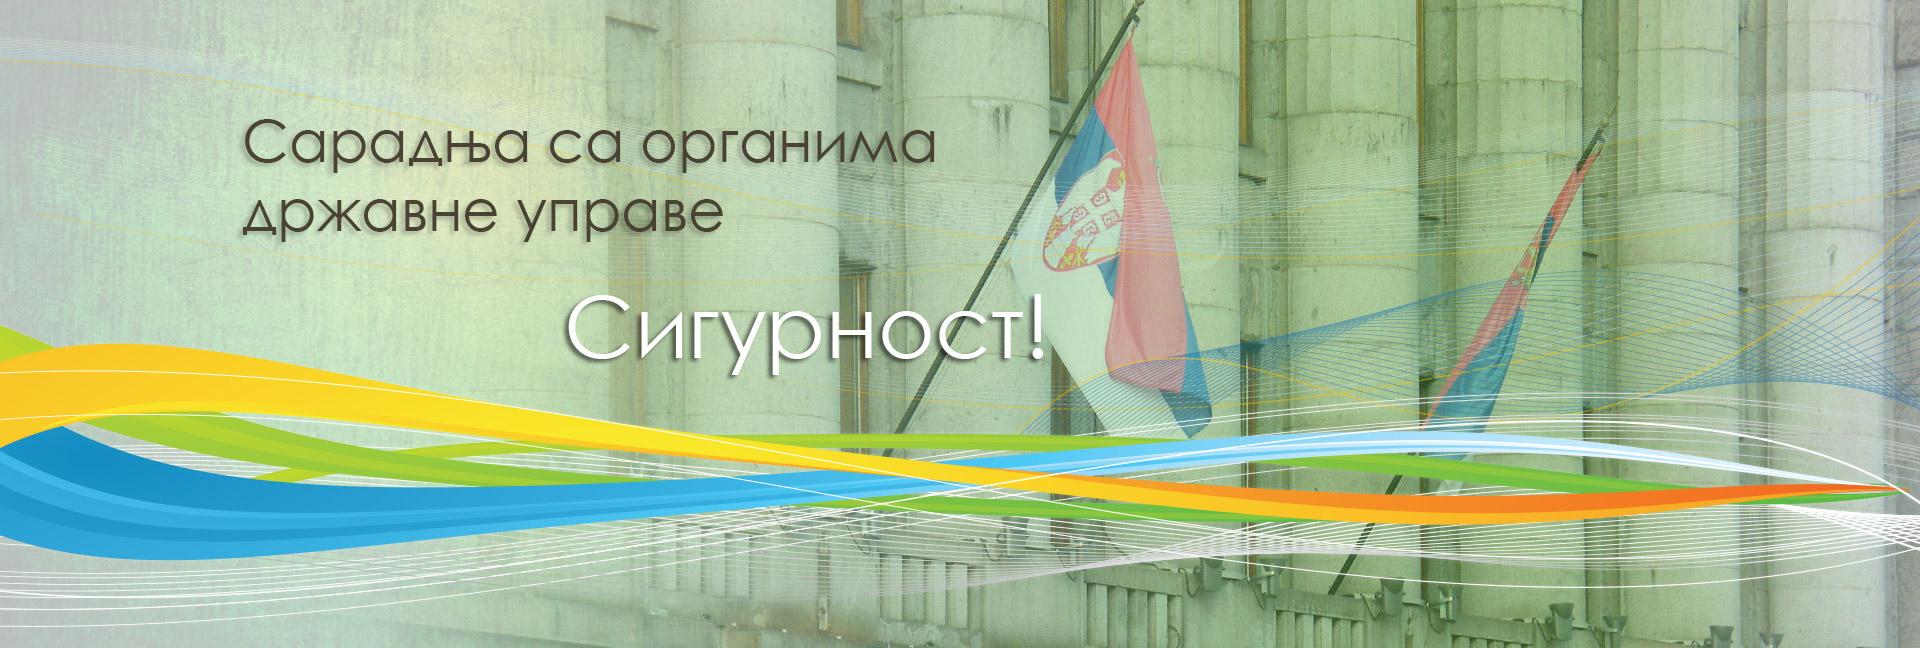 knjigovodstvo-srbija